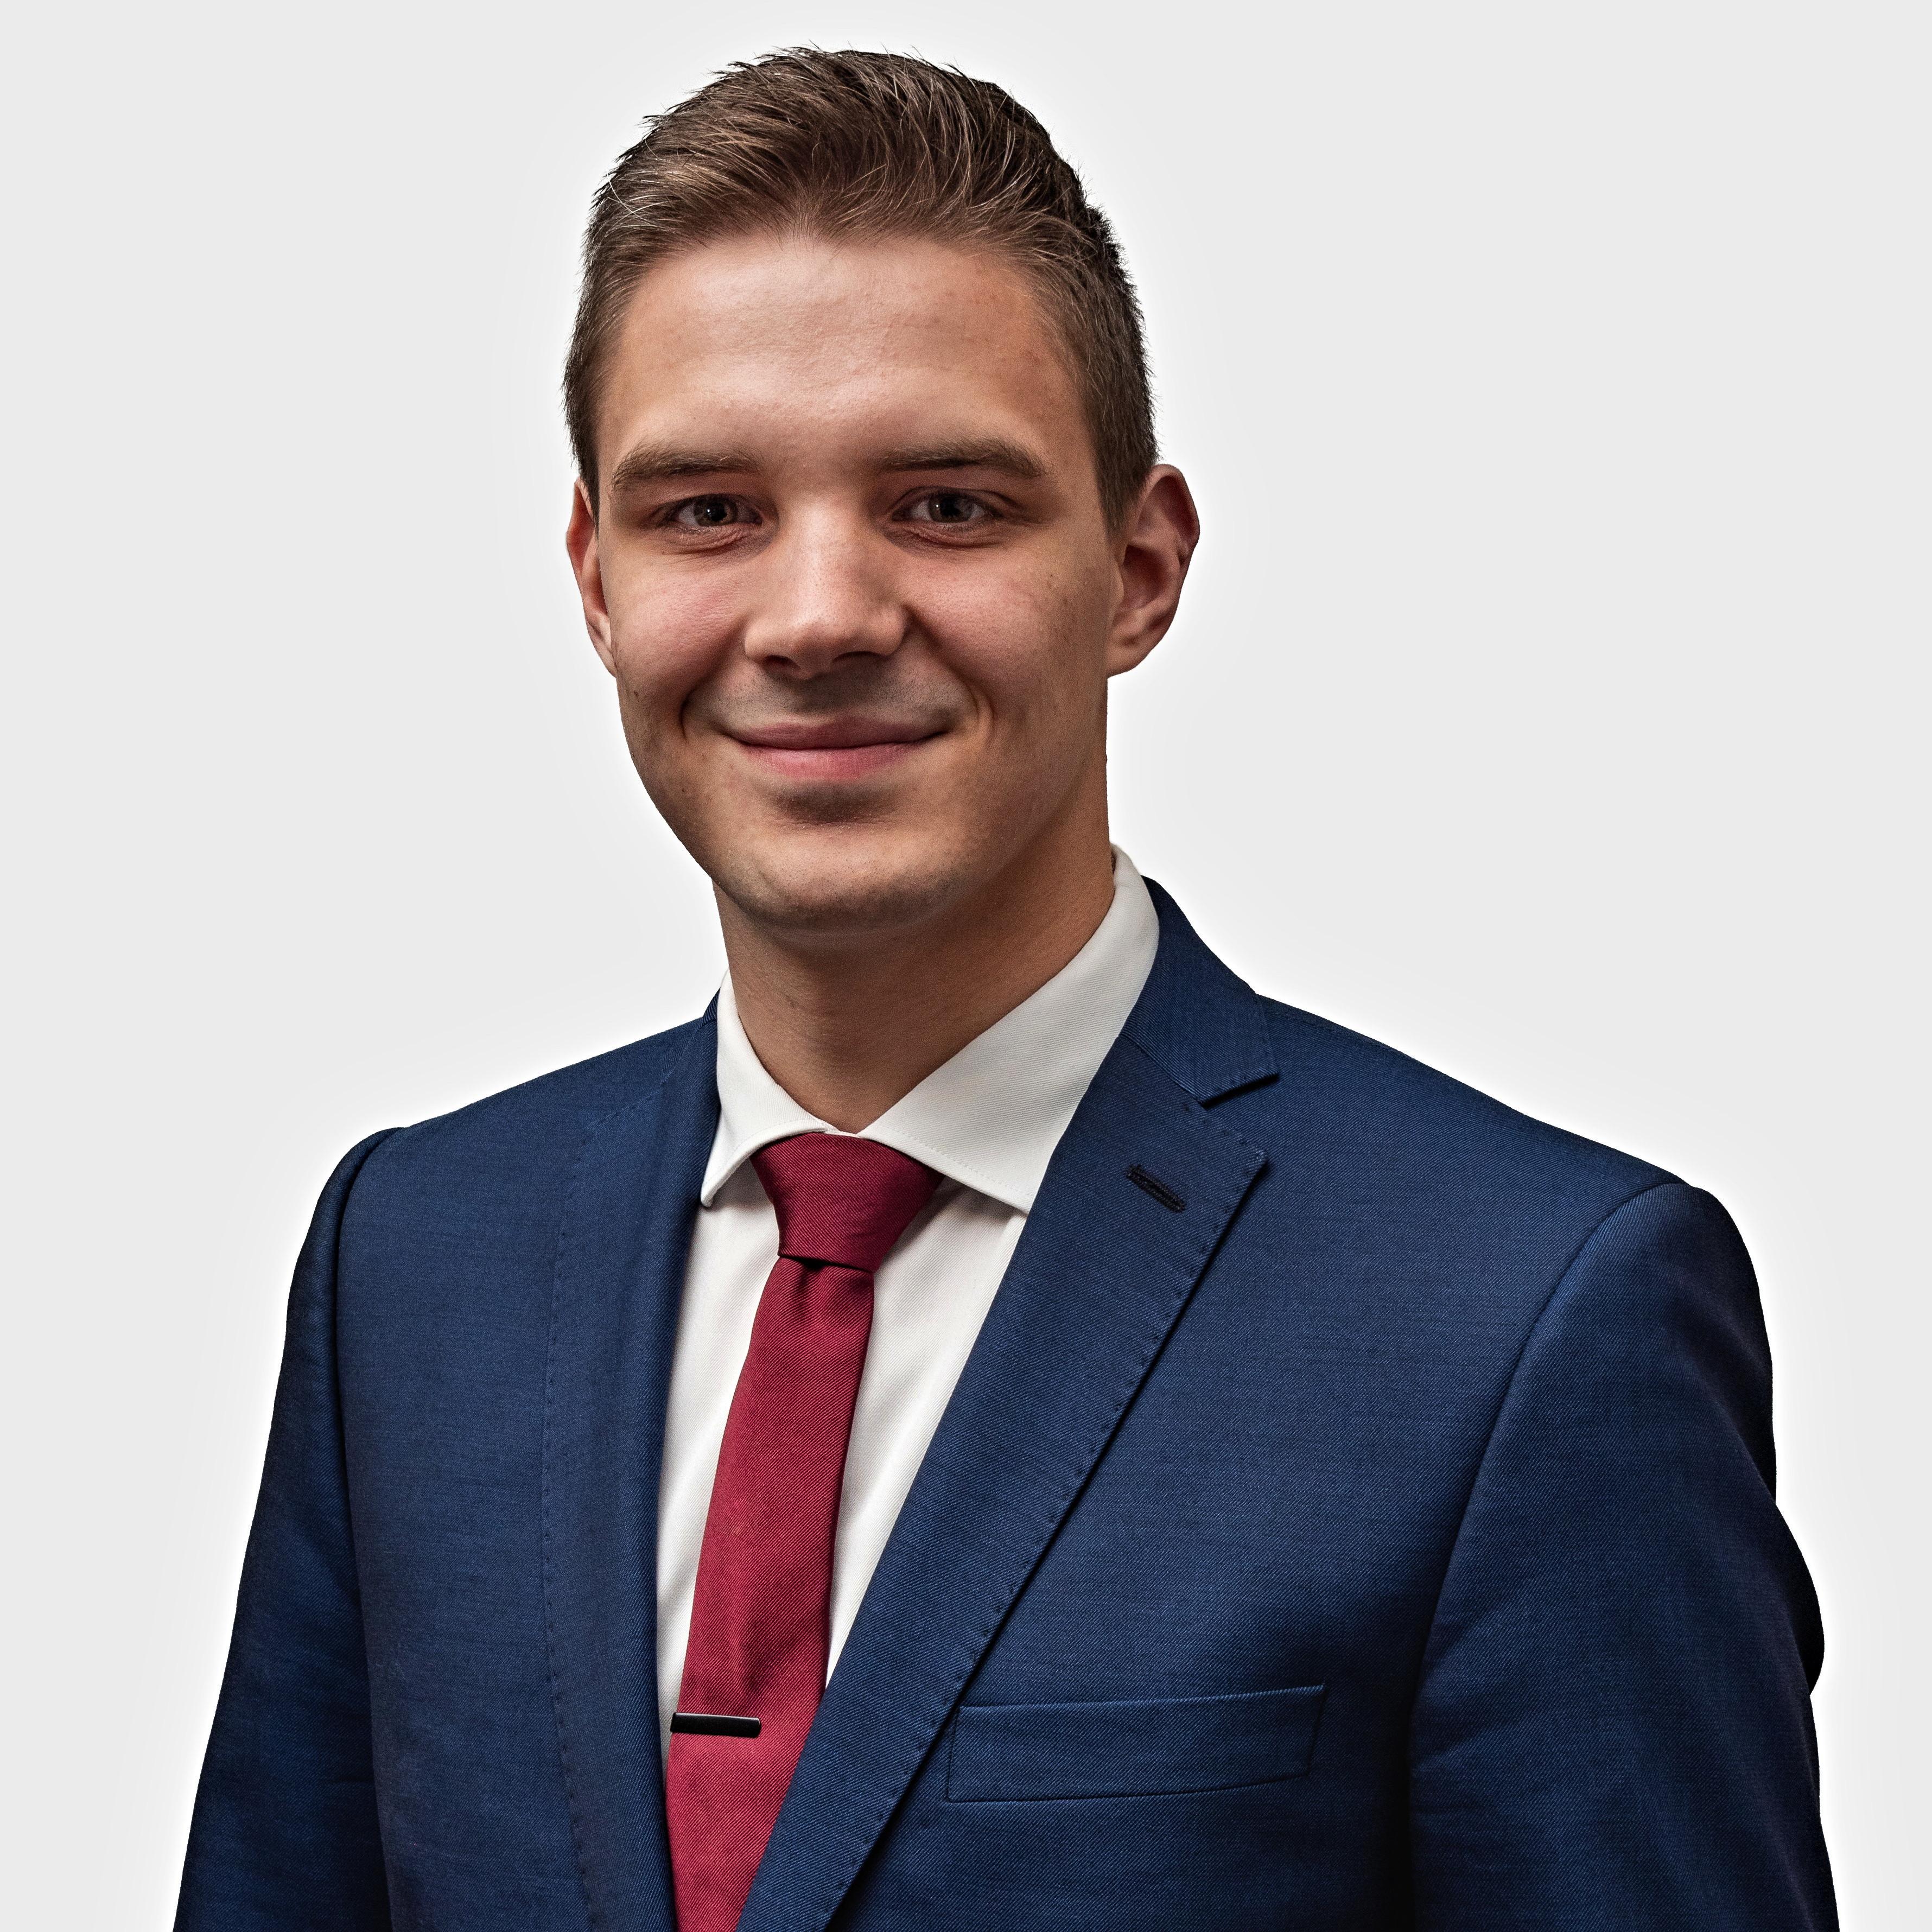 Robert Krämer